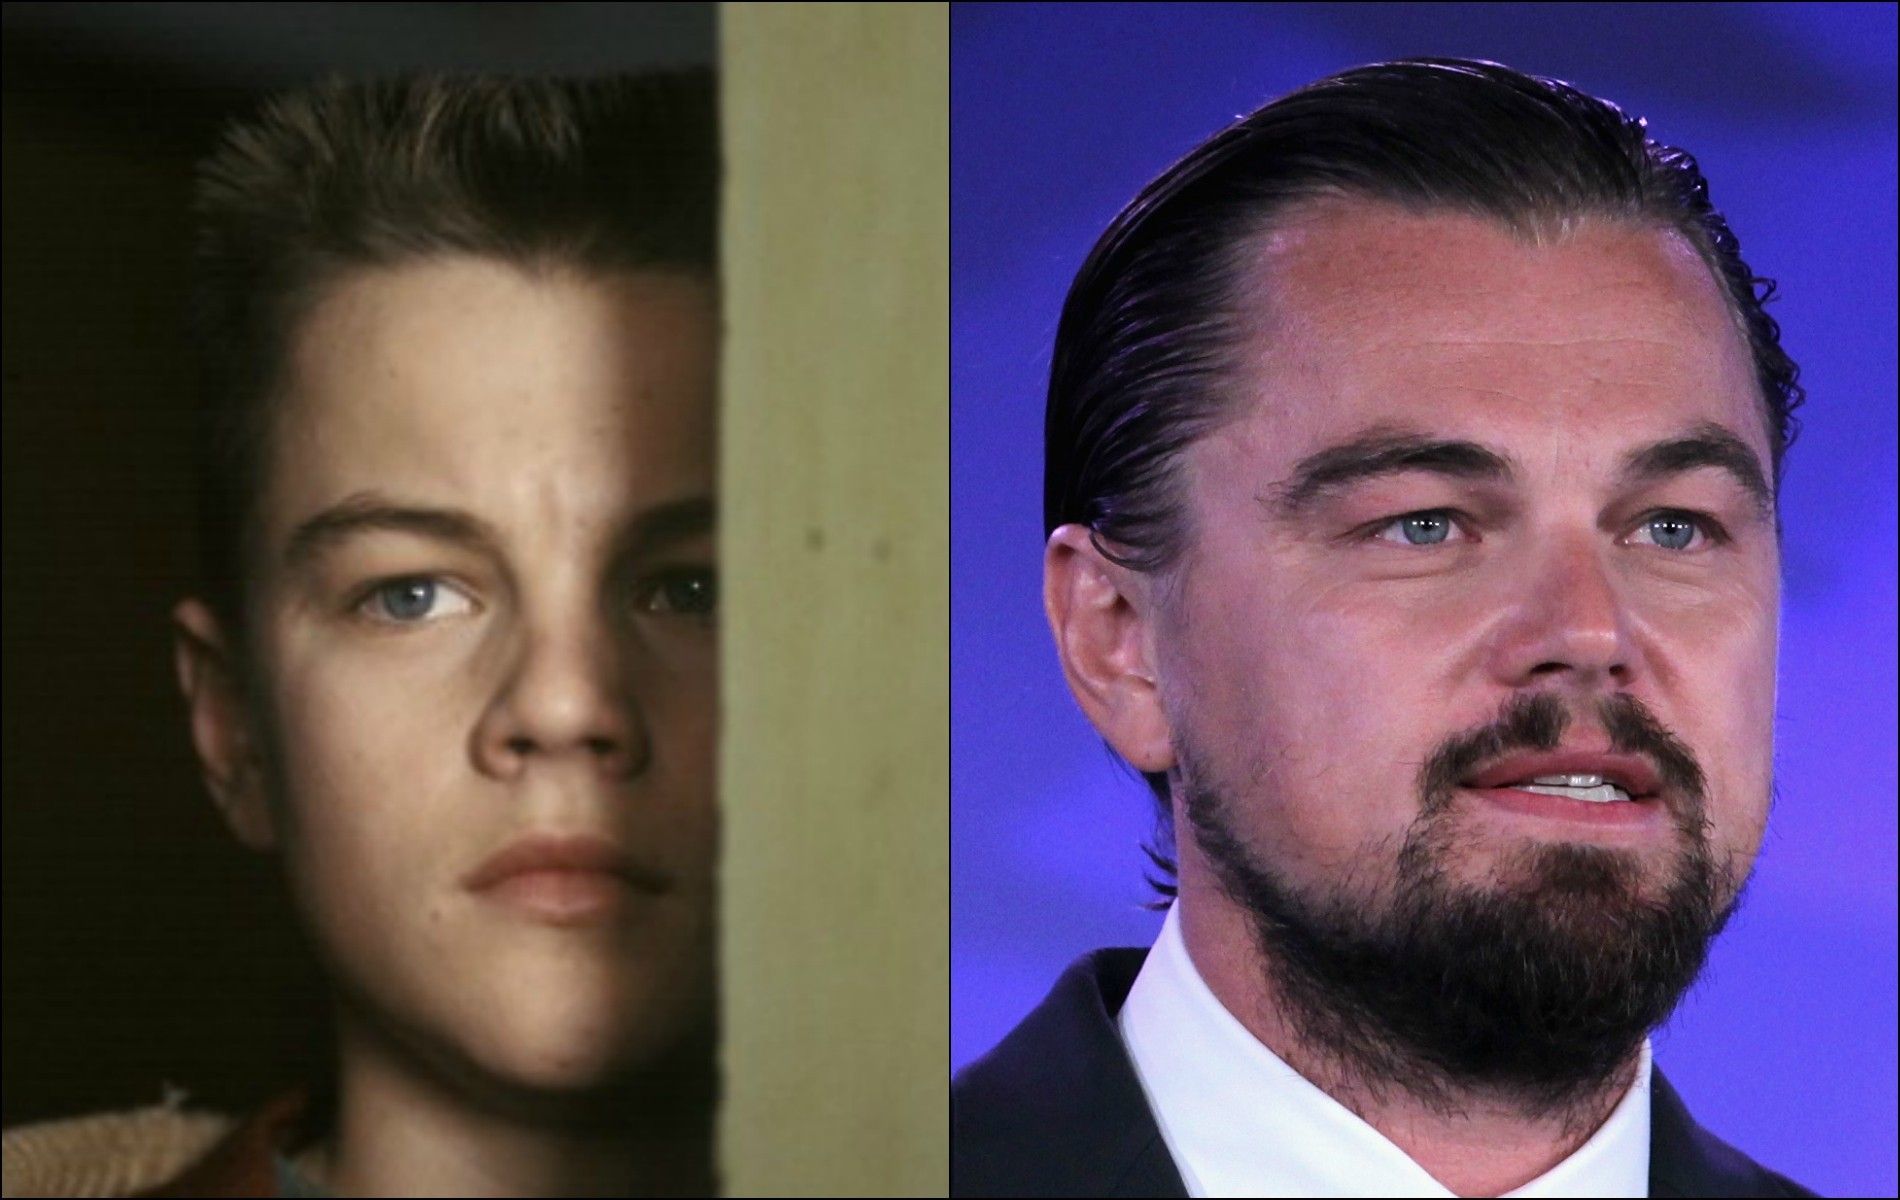 Foi o longa-metragem 'O Despertar de Um Homem' (1993) que Leonardo DiCaprio alcançou o estrelato. O ator tinha 18 anos à época em que gravou o filme e agora tem 39. (Foto: Getty Images)